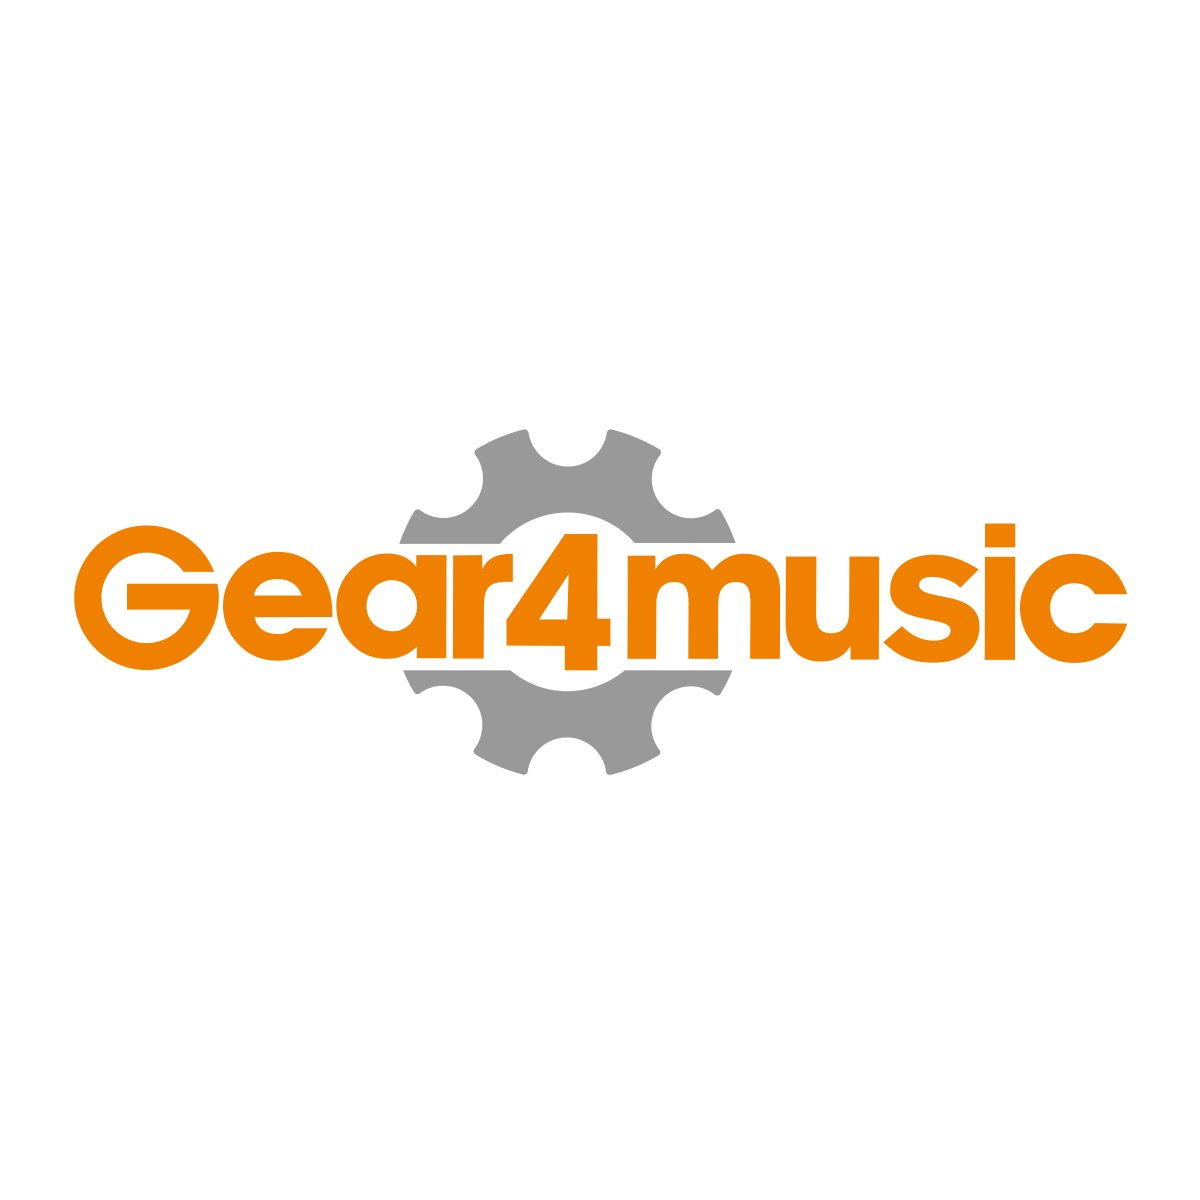 Boss Lautsprecherkabel 4,5 m/15 Fuß, 14GA / 2 x 2,1mm2 bei Gear4music